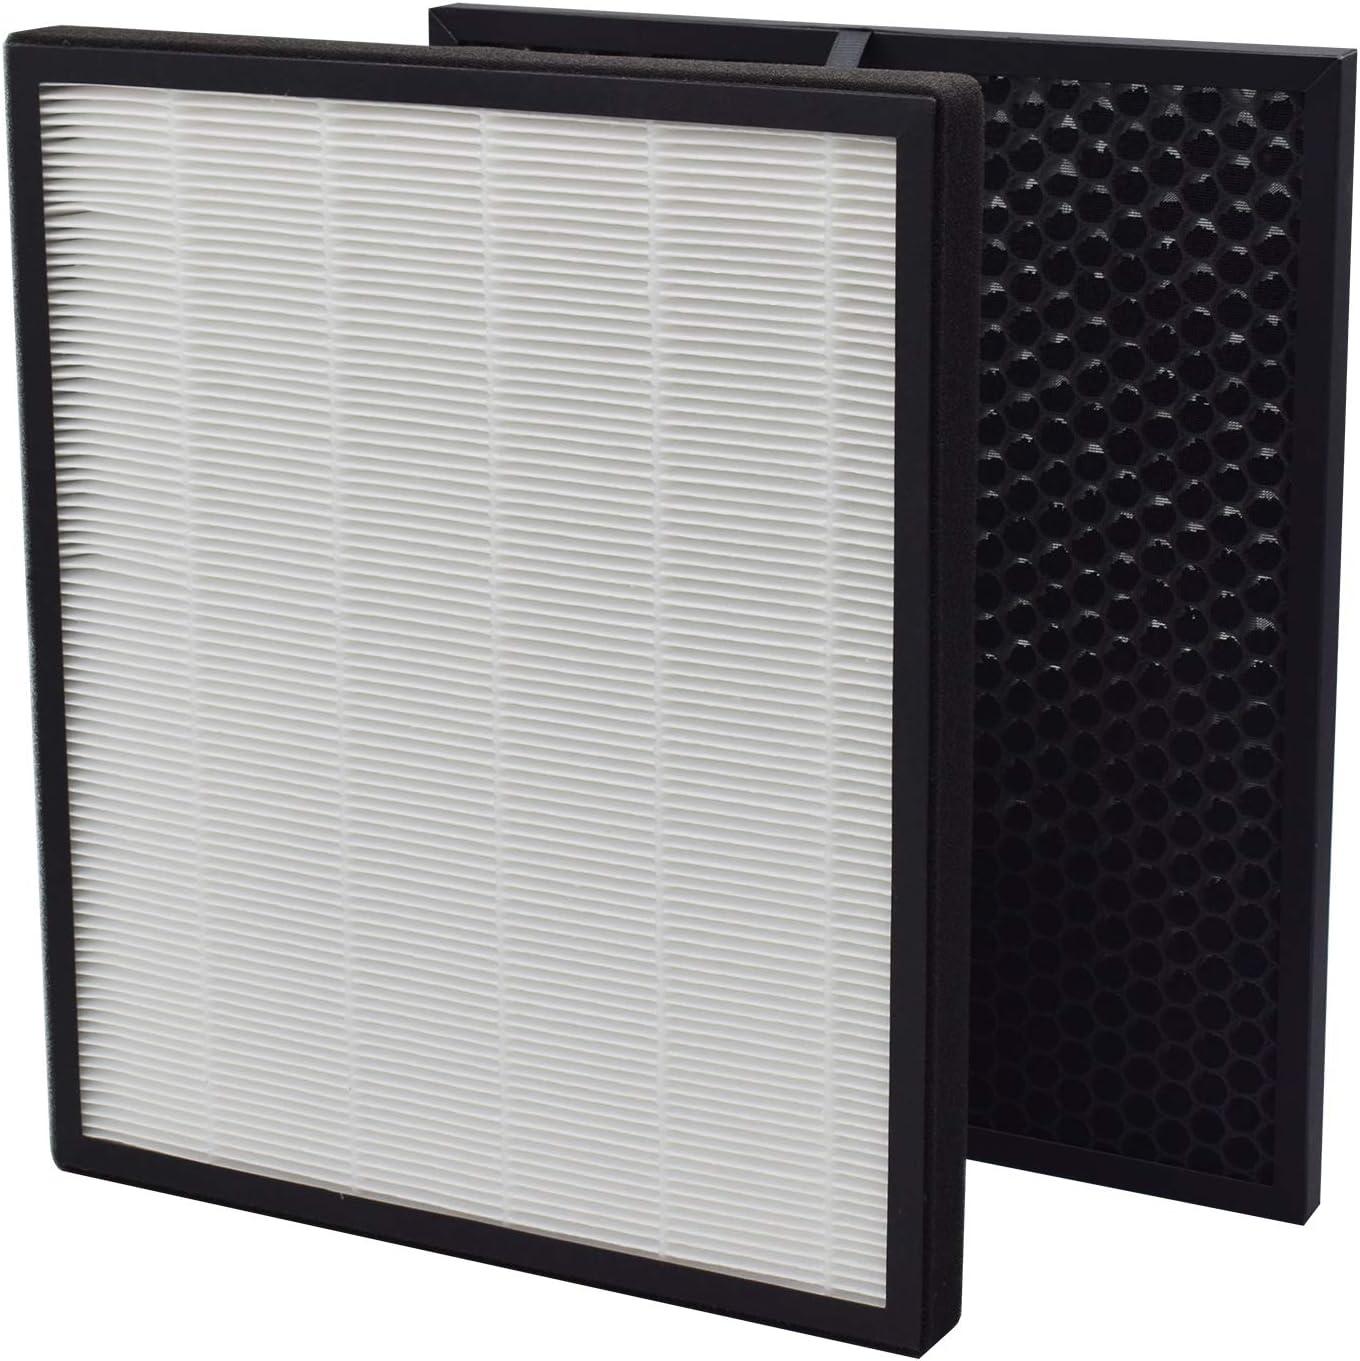 GHM Compatible LEVOIT LV-PUR-131 Air Purifier True HEPA & Activated Carbon Filters Set Compatible with LEVOIT LV-PUR-131 Air Purifier